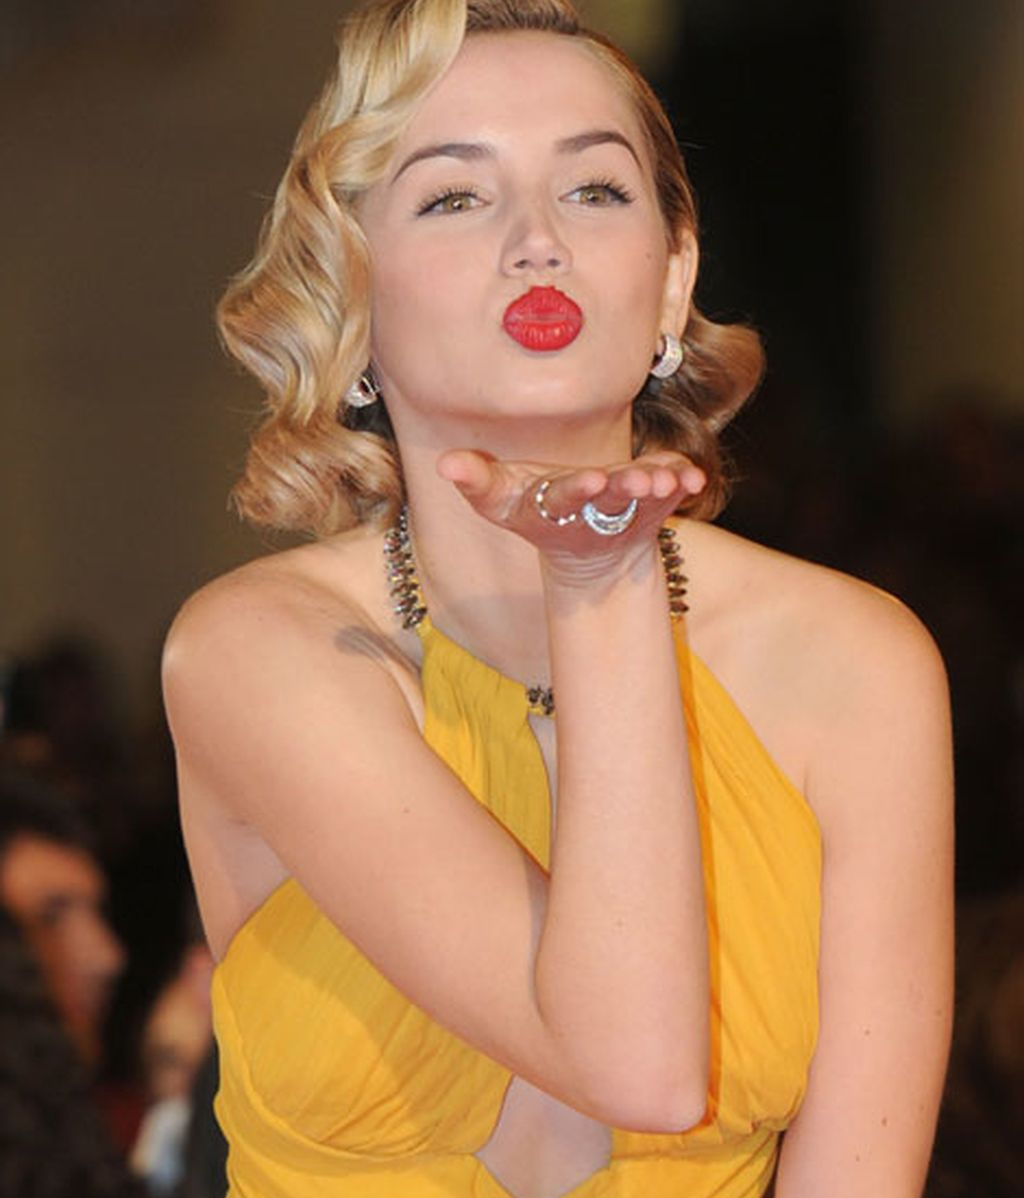 Ana de Armas a lo 'Marilyn Monroe'